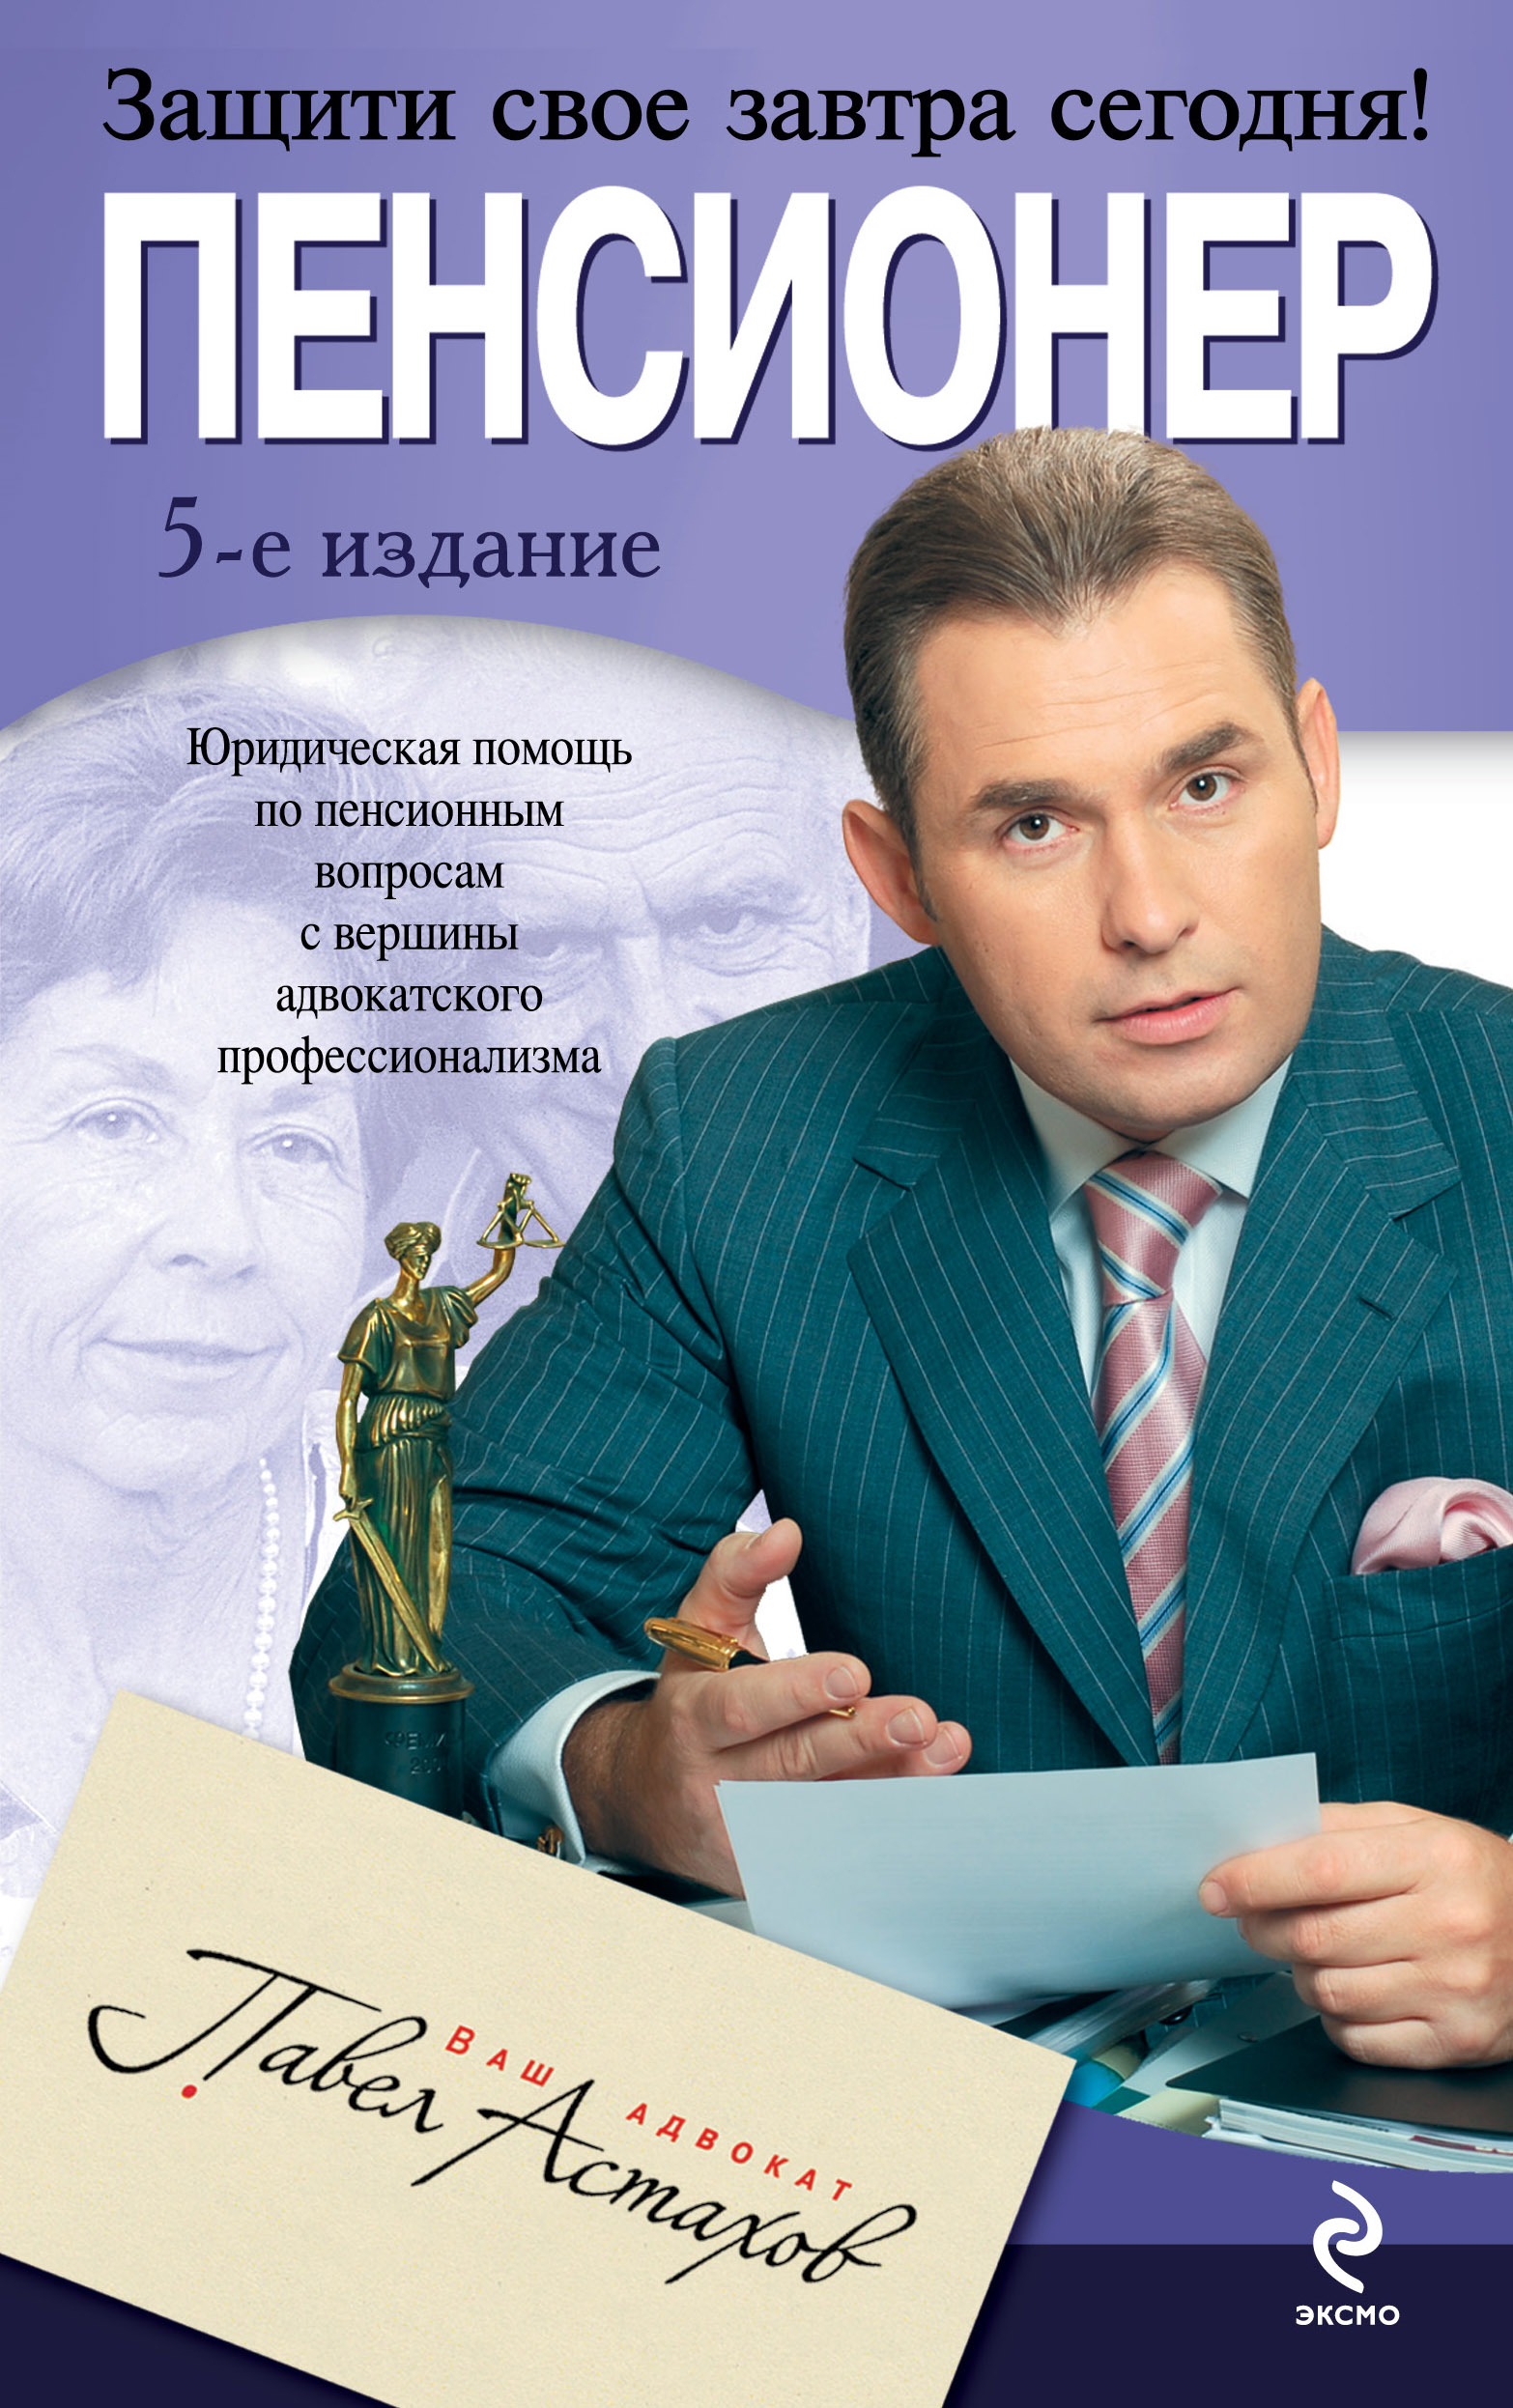 адвокат по пенсионным вопросам